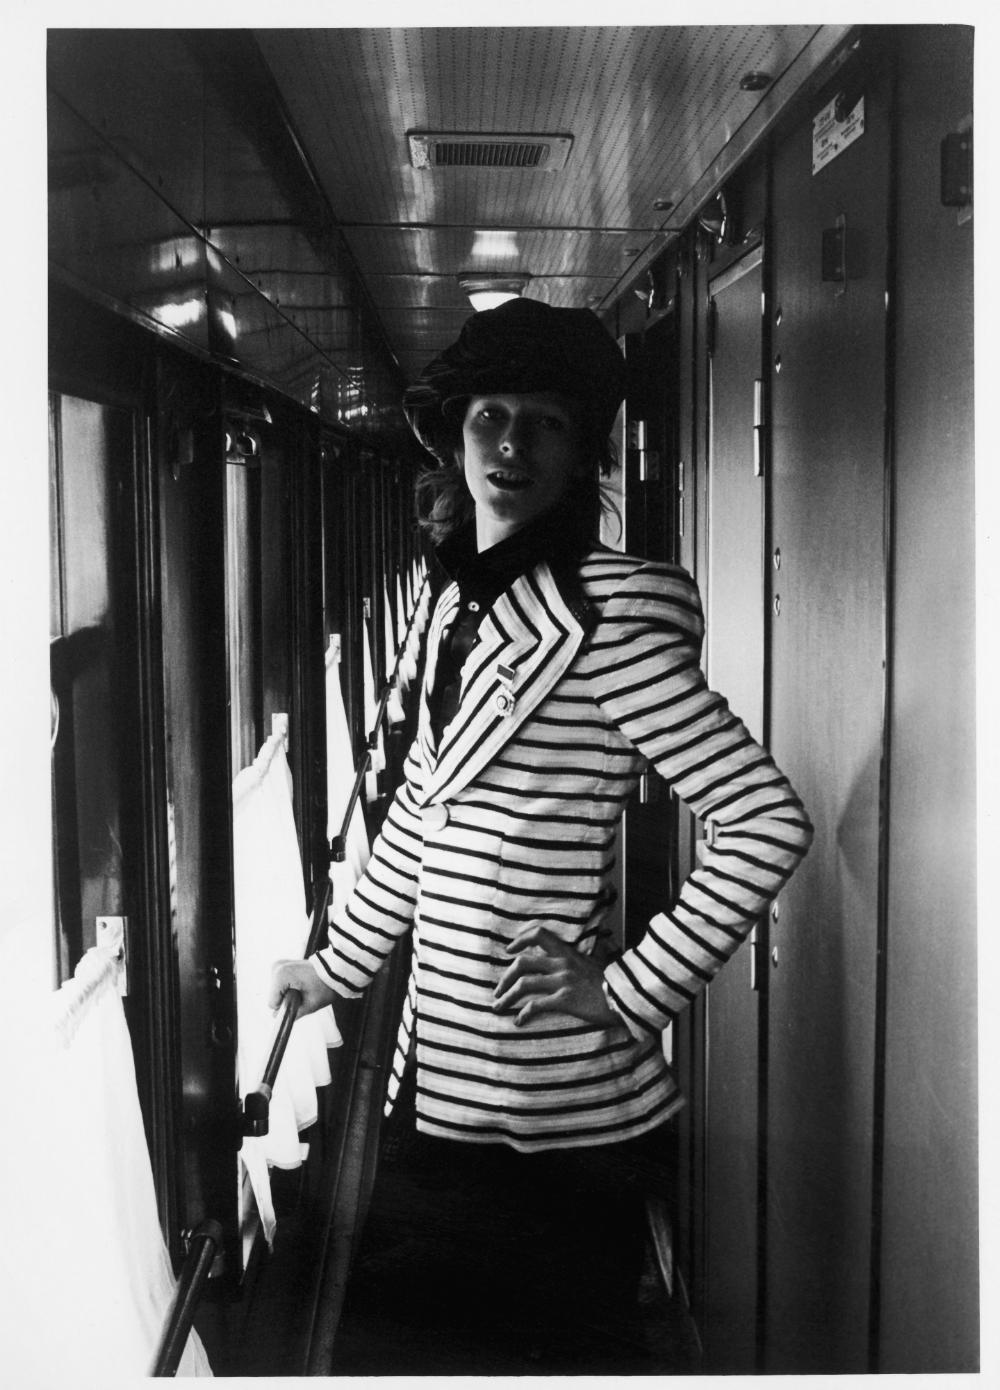 La scomparsa del Duca Bianco è stata annunciata sulla pagina Facebook del musicista, e la notizia è stata confermata dal figlio dell'artista // Una foto scattata all'interno di un treno russo. Nel 1973, la rockstar aveva infatti intrapreso un viaggio in Transiberiana da Mosca a Vladivostok